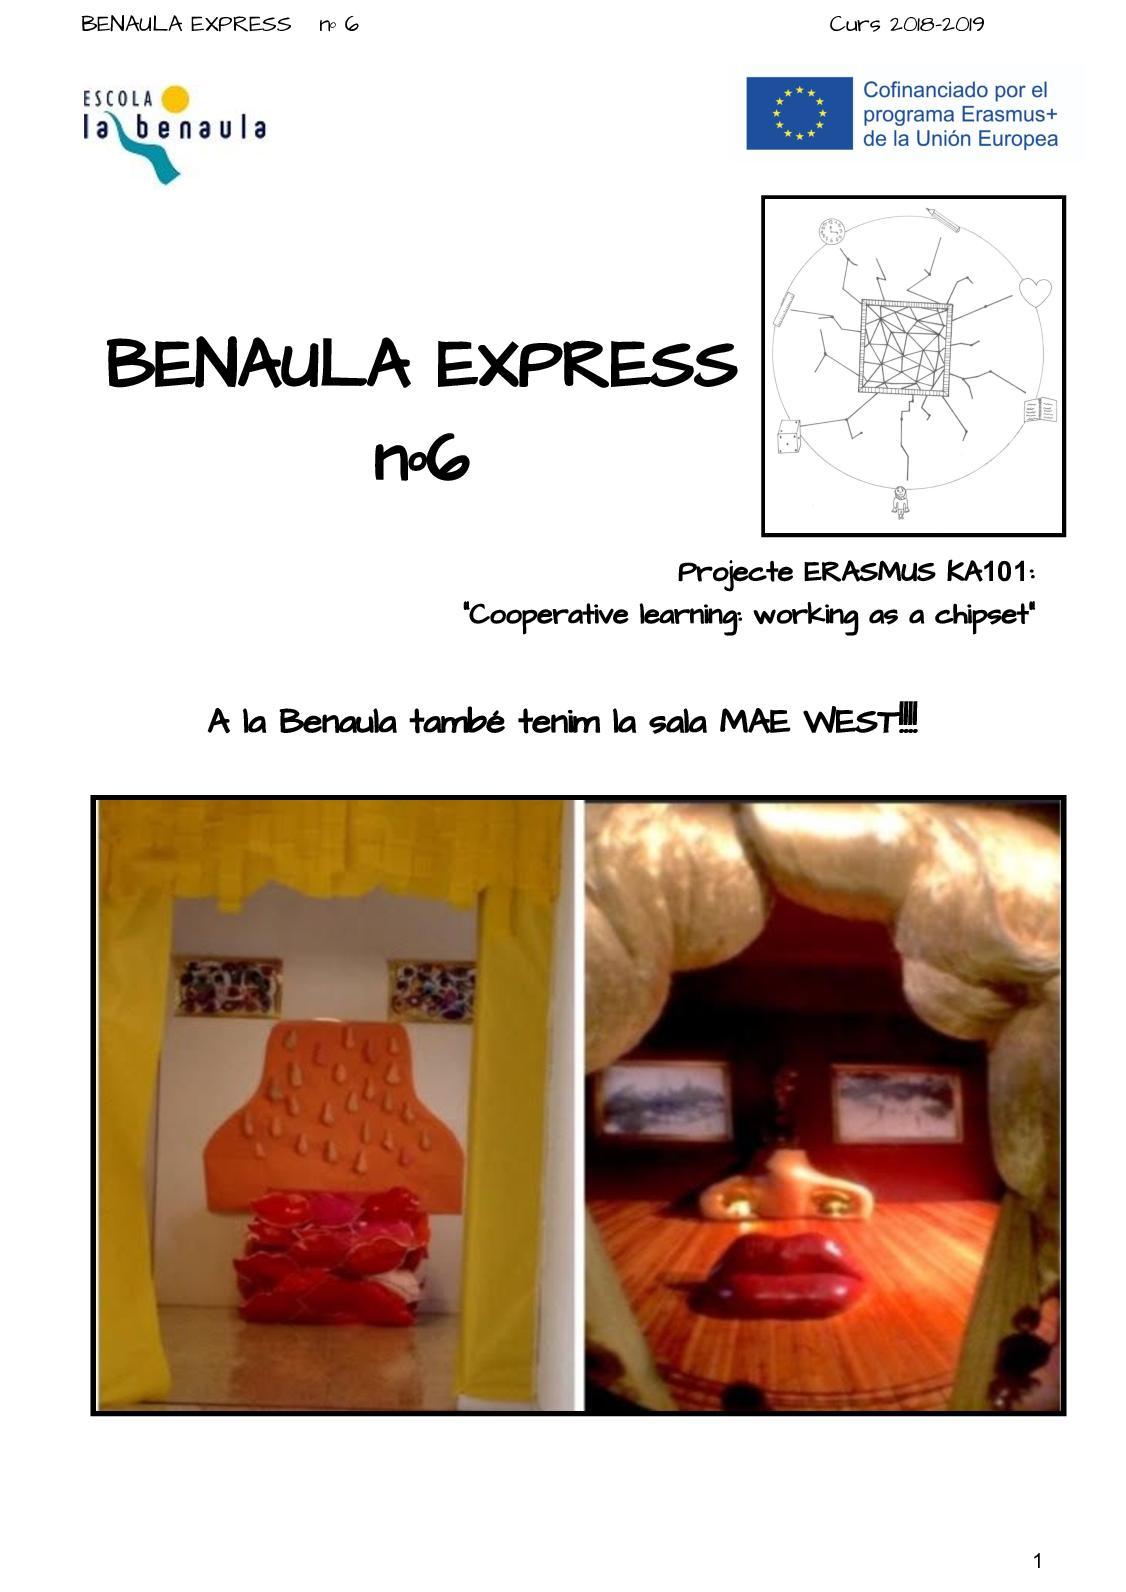 Benaula Express nº6 Curs 18 19